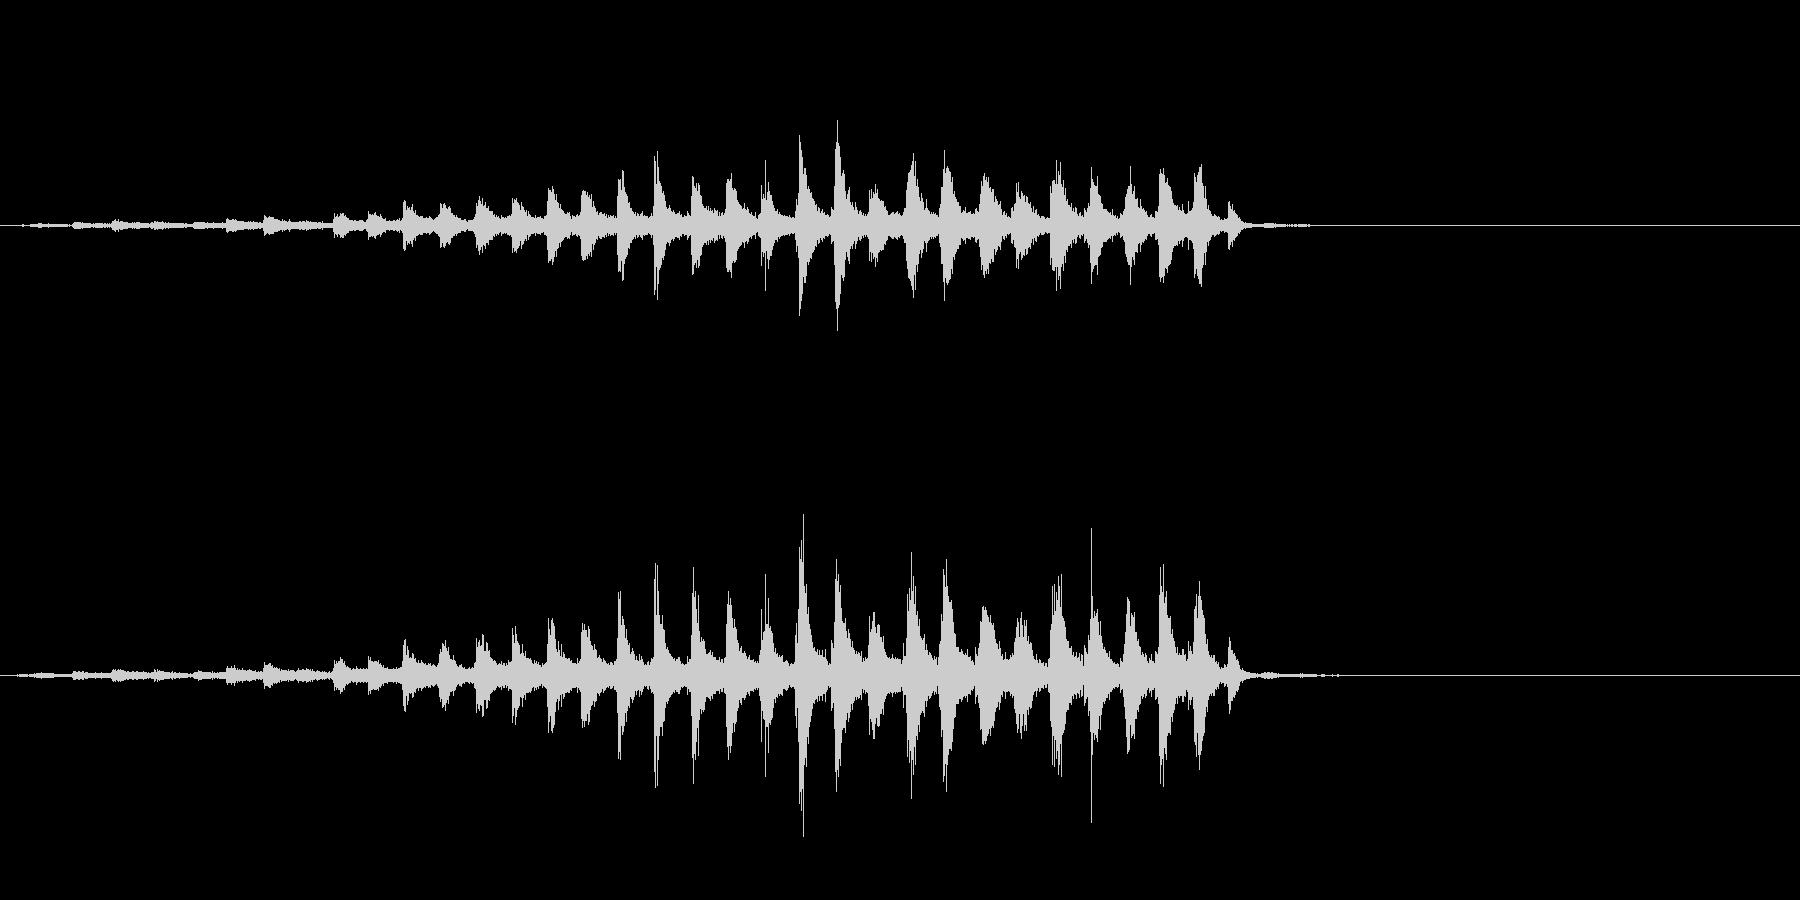 『チャッパ』和製シンバルのフレーズ1FXの未再生の波形